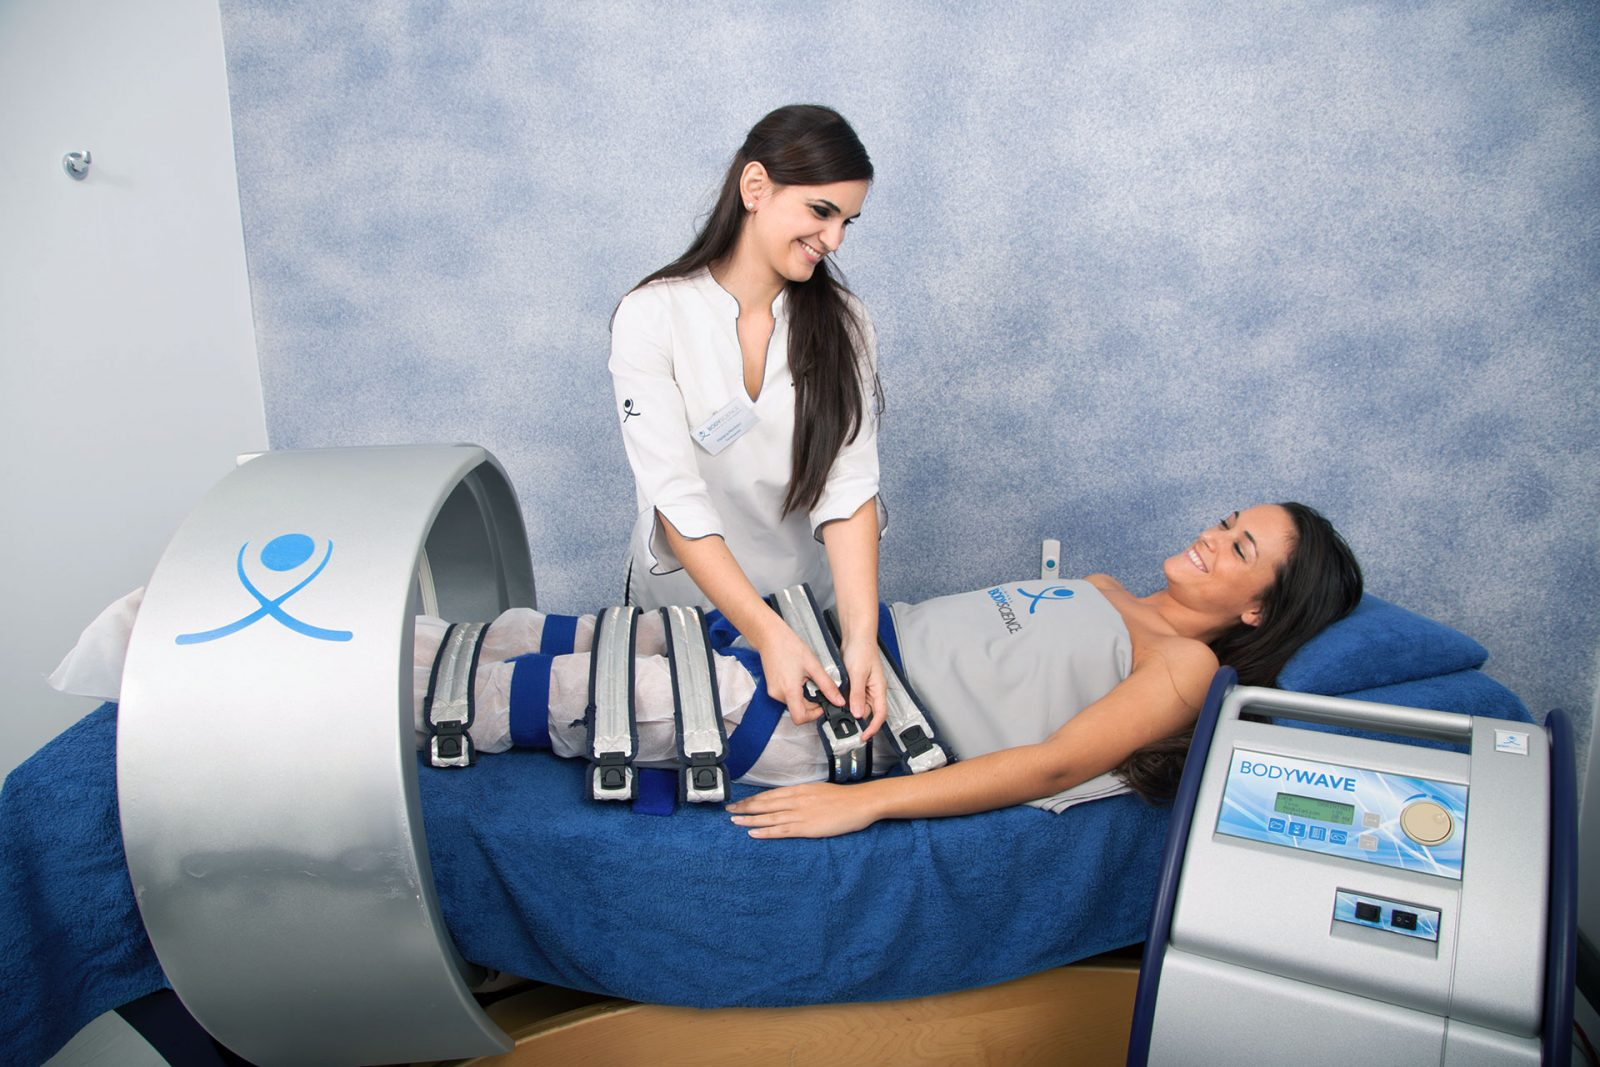 bodyscience-clinica-estetica-tratamentos-corpo-bodywave